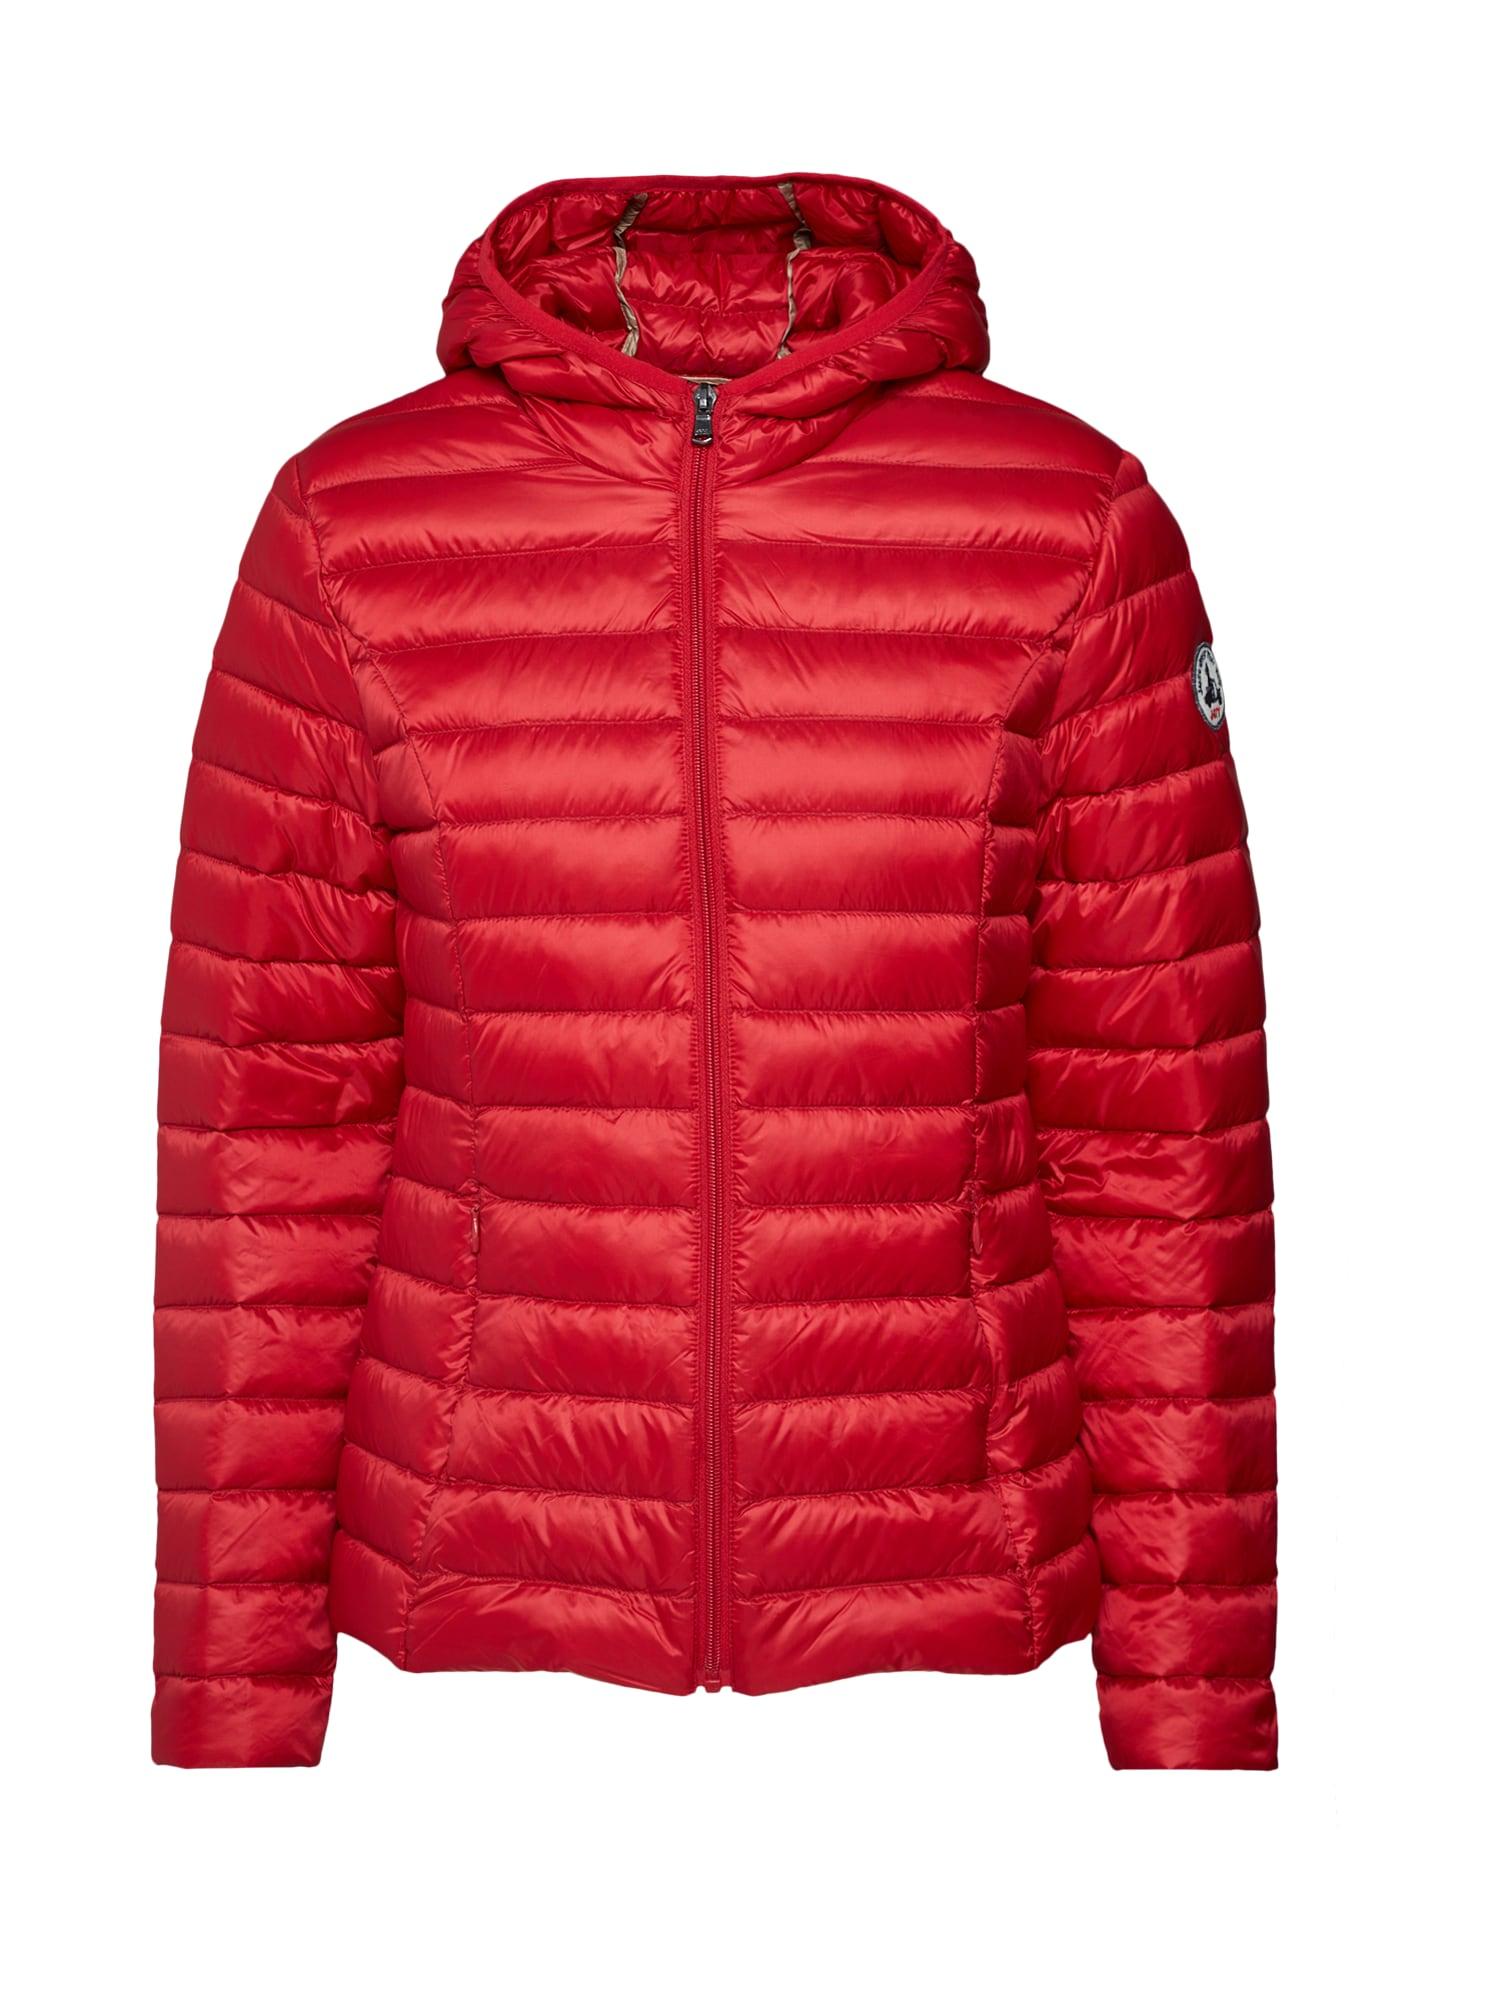 JOTT Žieminė striukė 'Cloé' raudona